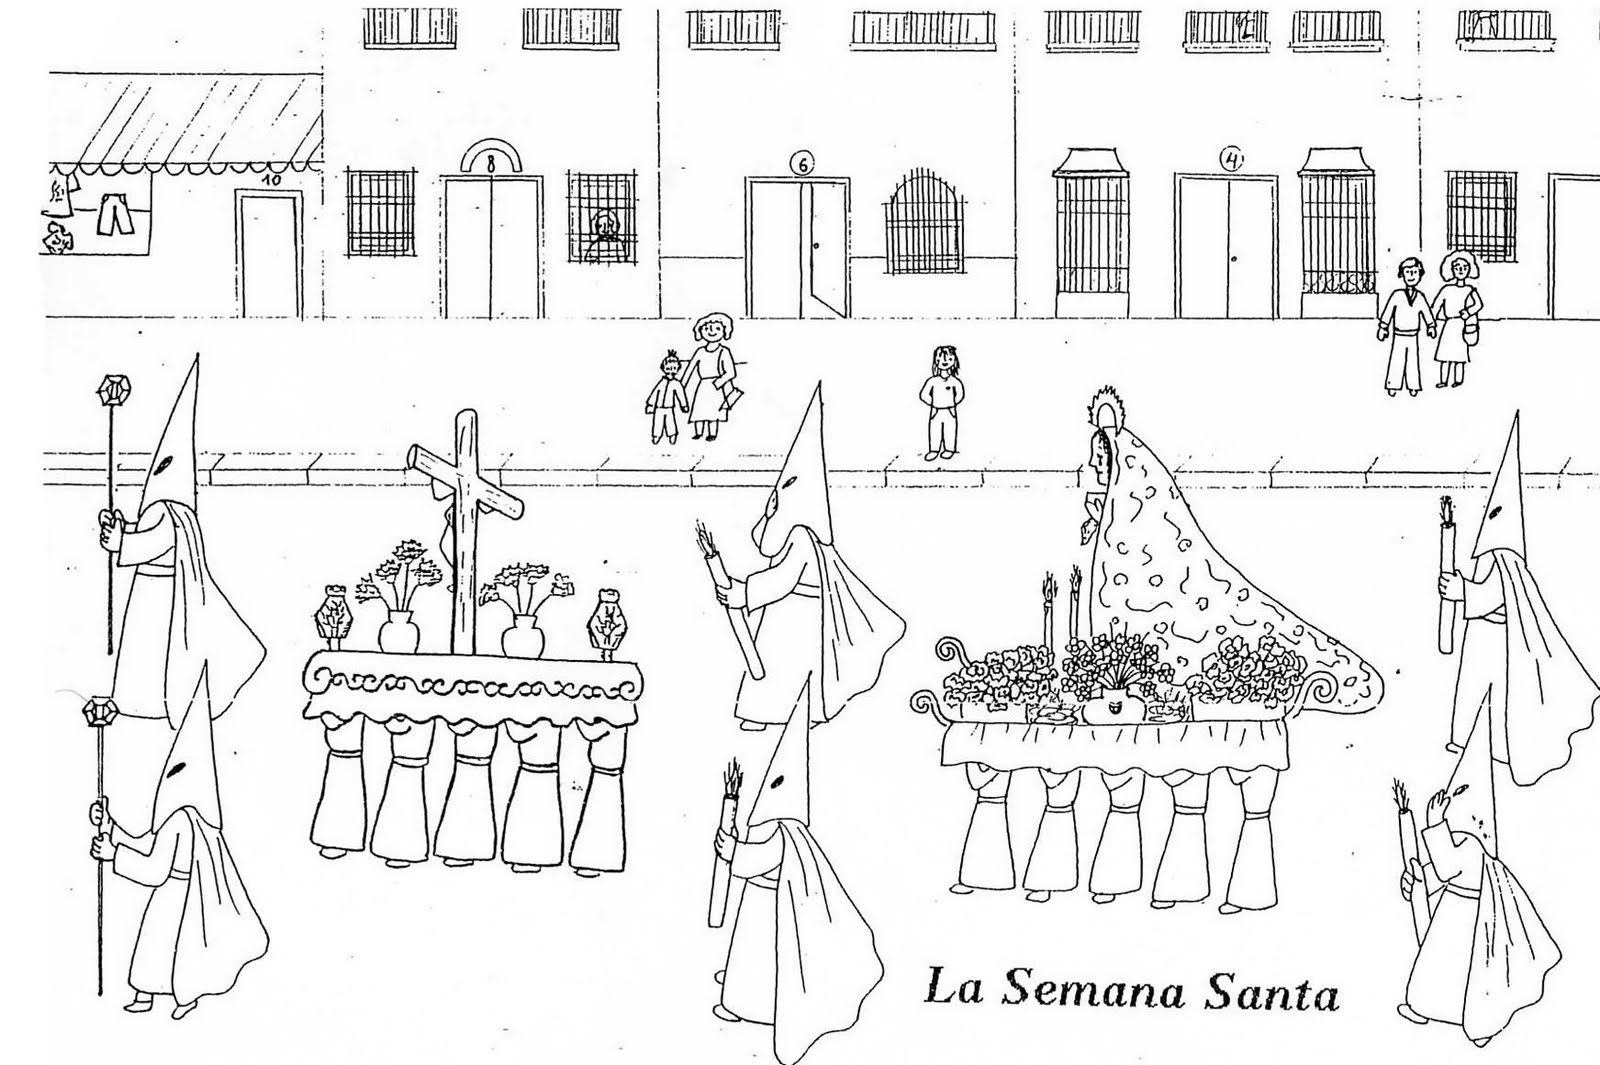 Dibujos Para Colorear Para Ninos De Semana Santa: *MIS COSAS DE MAESTRA*: Manualidades Y Dibujos De Semana Santa